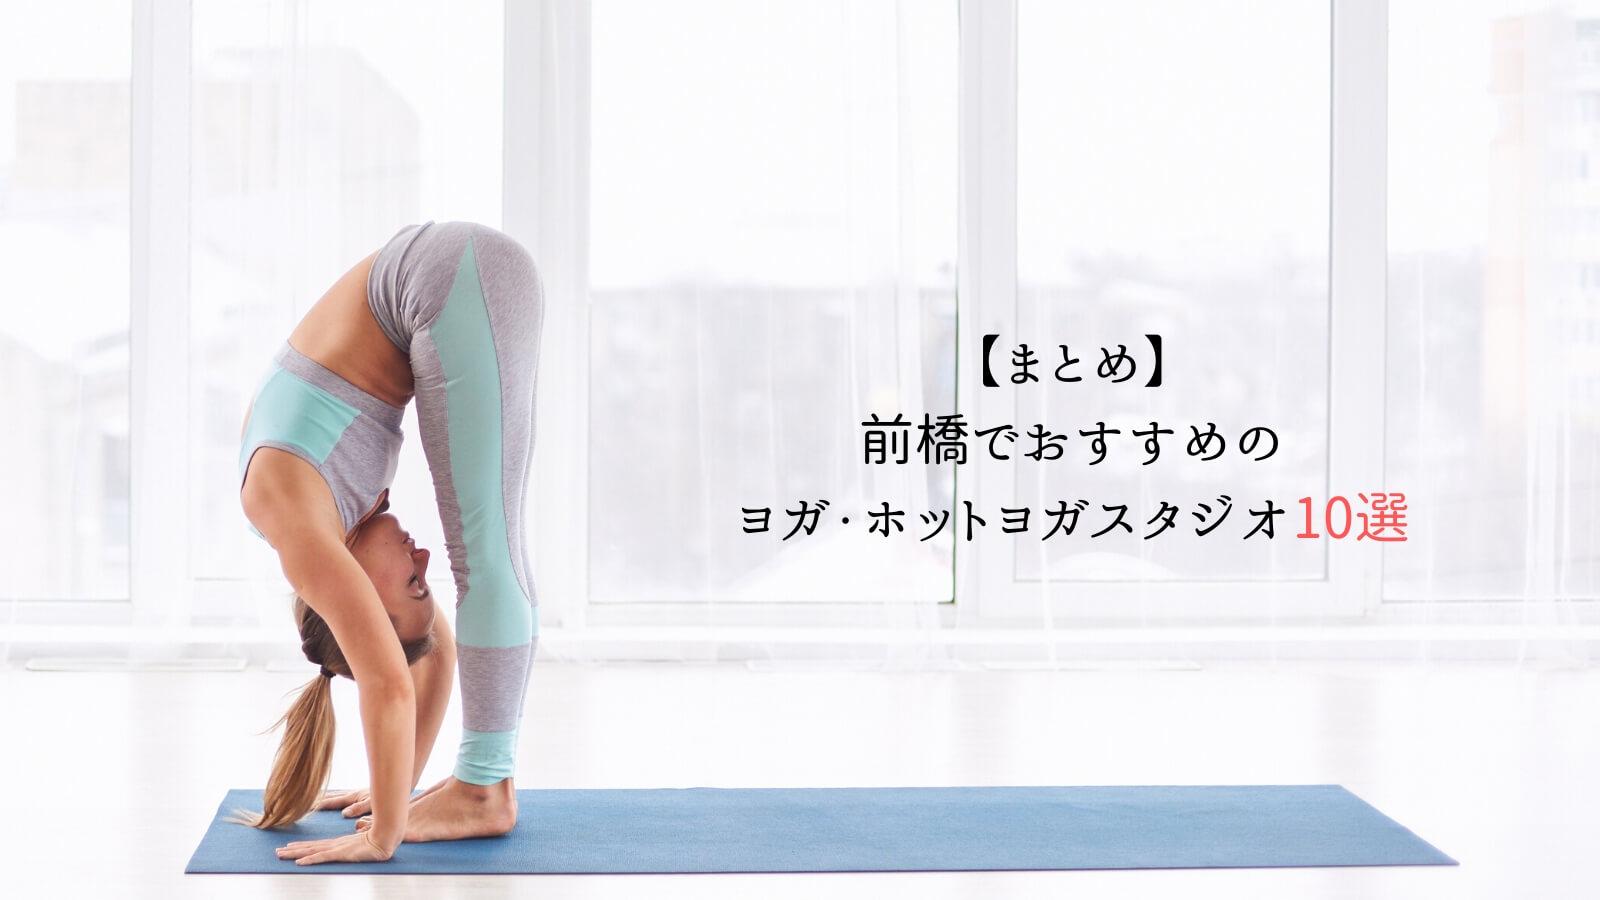 【まとめ】前橋でおすすめのヨガ・ホットヨガスタジオ10選